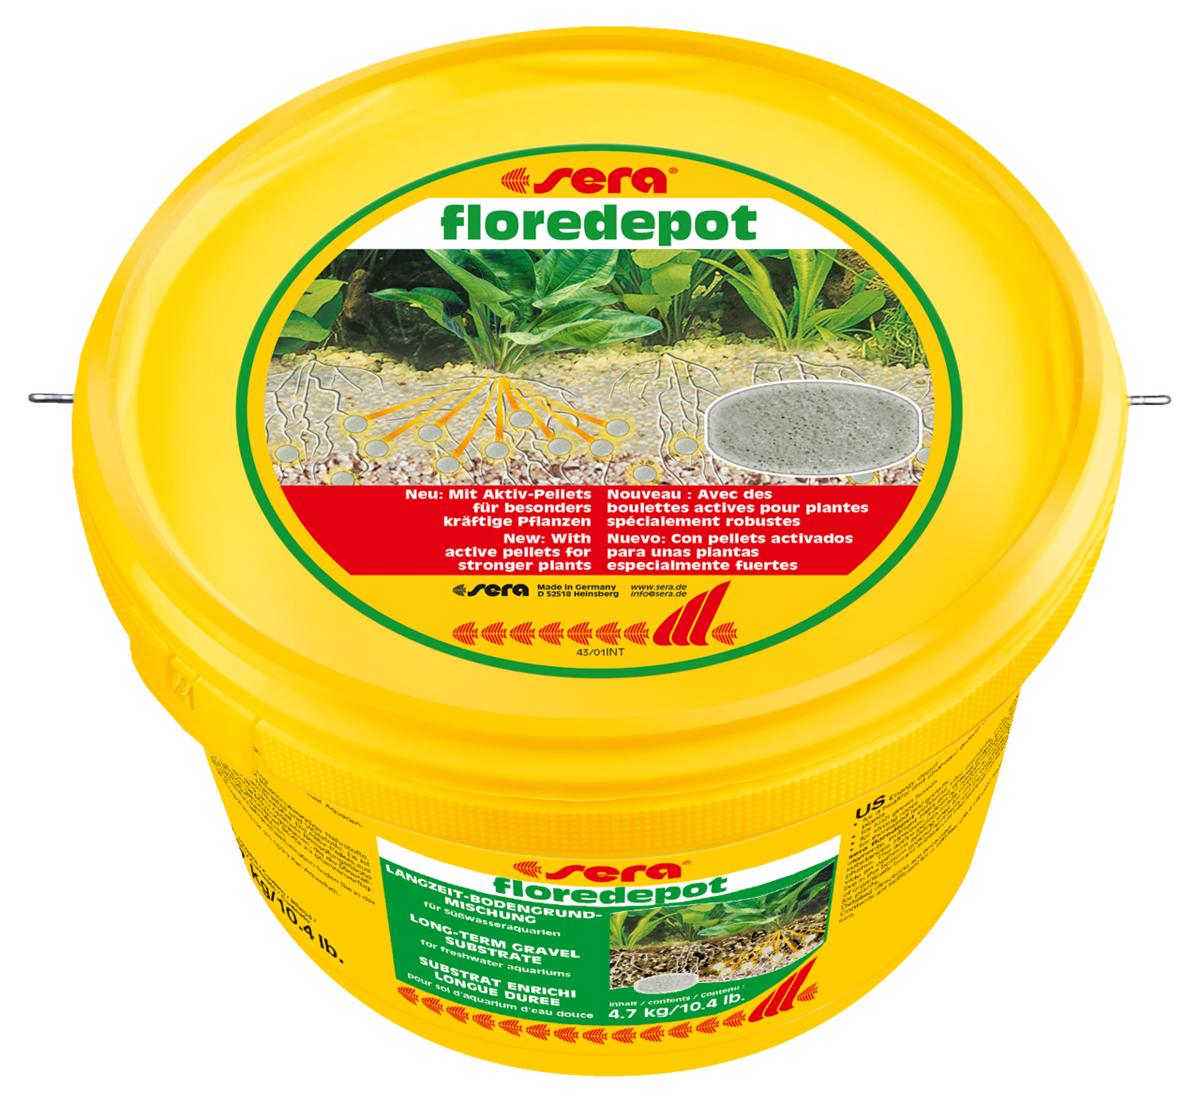 Грунт для аквариумных растений Sera Floredepot, 4,7 кг0120710Грунт для аквариумных растений Sera Floredepot - питательный грунт длительного использования для водных растений в пресноводных аквариумах. Состоит из чистого промытого песка, специально подготовленного торфа, микроэлементов, питательных солей и других жизненно необходимых веществ. Инструкция по применению: Флоредепот используется при первом запуске аквариума. Грунт необходимо равномерно распределить по дну аквариума в той части, где впоследствии предполагается высадить водные растения. Примерный расчет: упаковка 2,4 кг для аквариумов до 60 л, упаковка 4,7 кг - до 100 л воды.